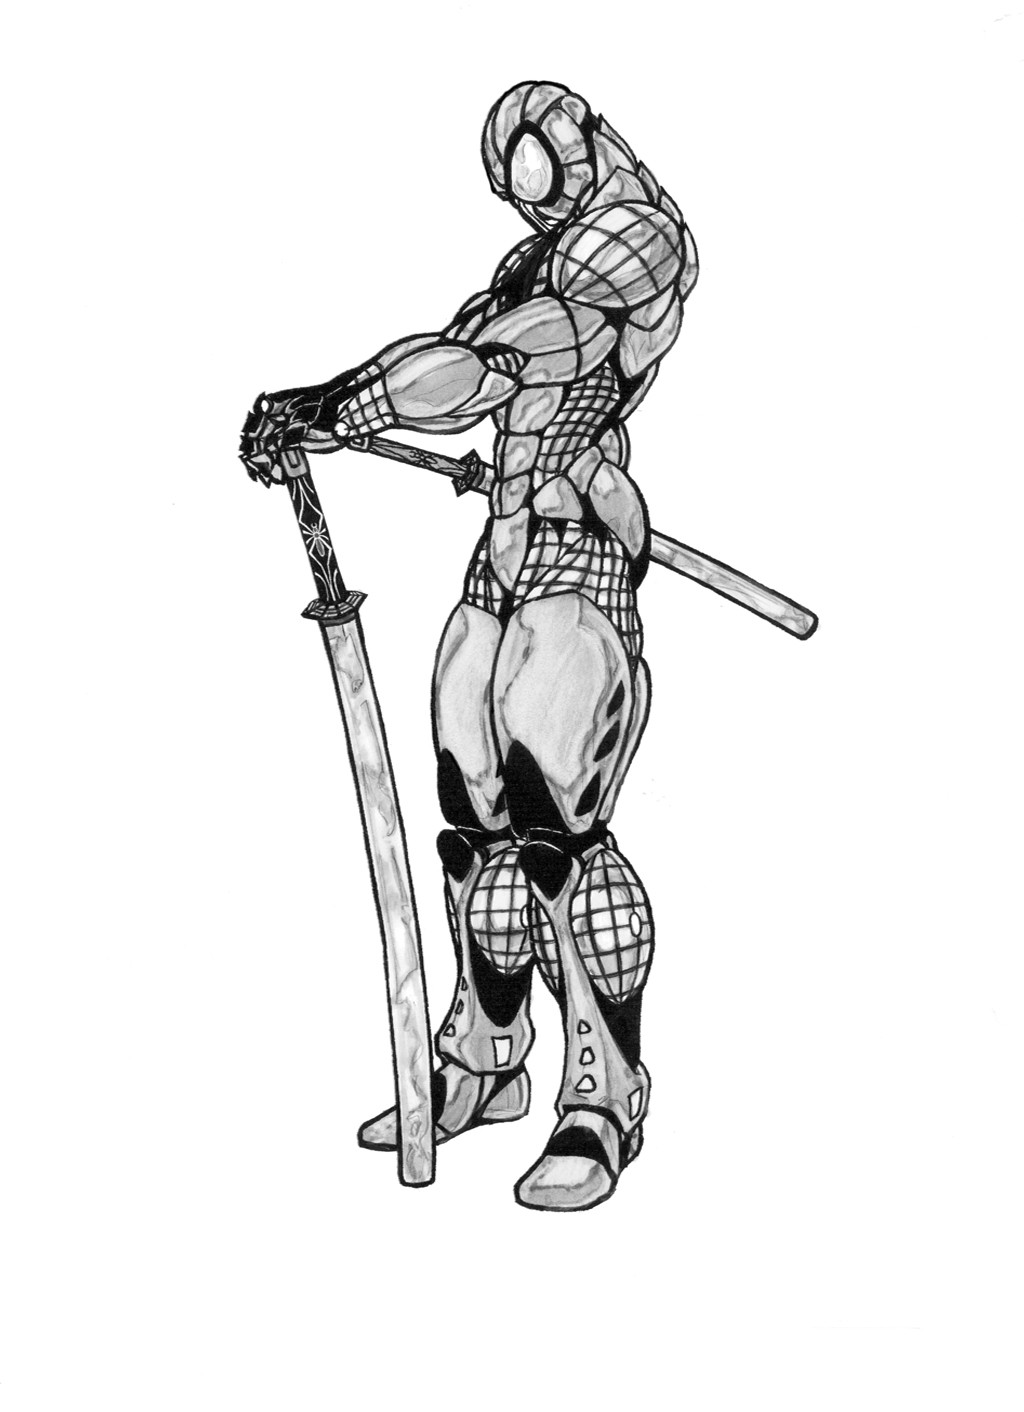 Samurai Spiderman